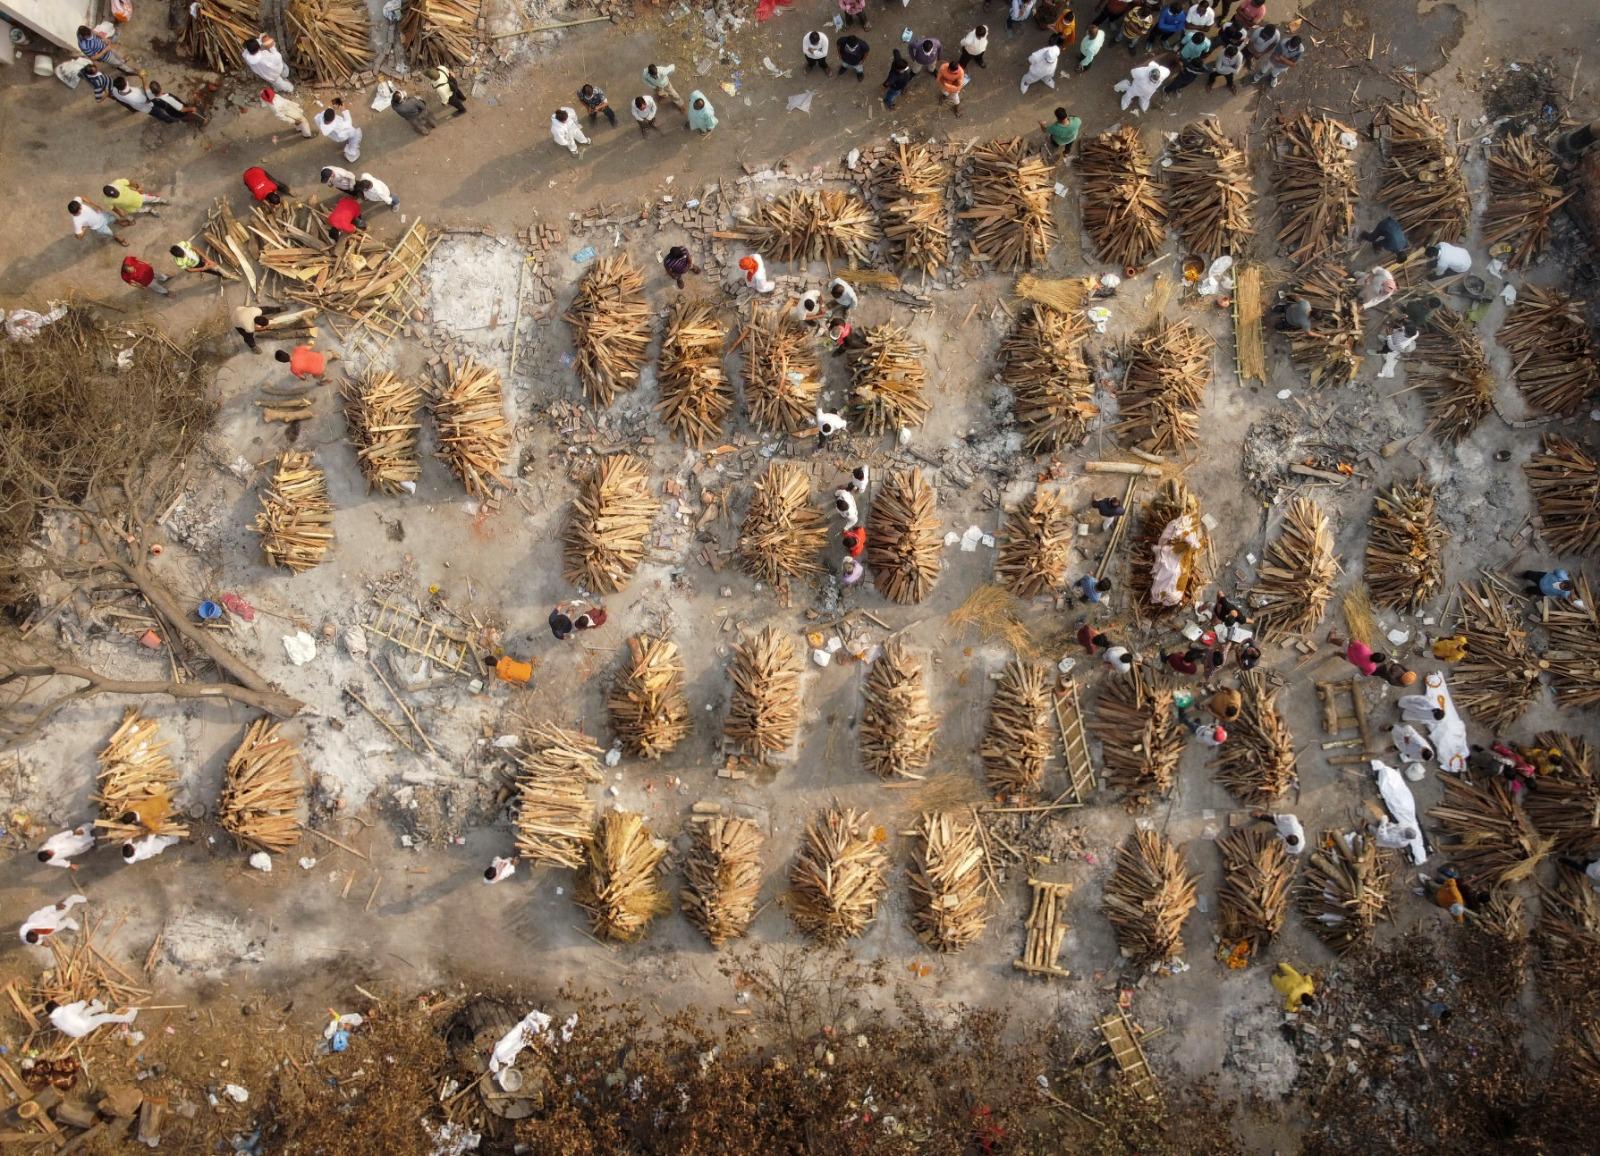 【冠状病毒19】印度停车场成临时火化场 公园树木被砍当柴烧